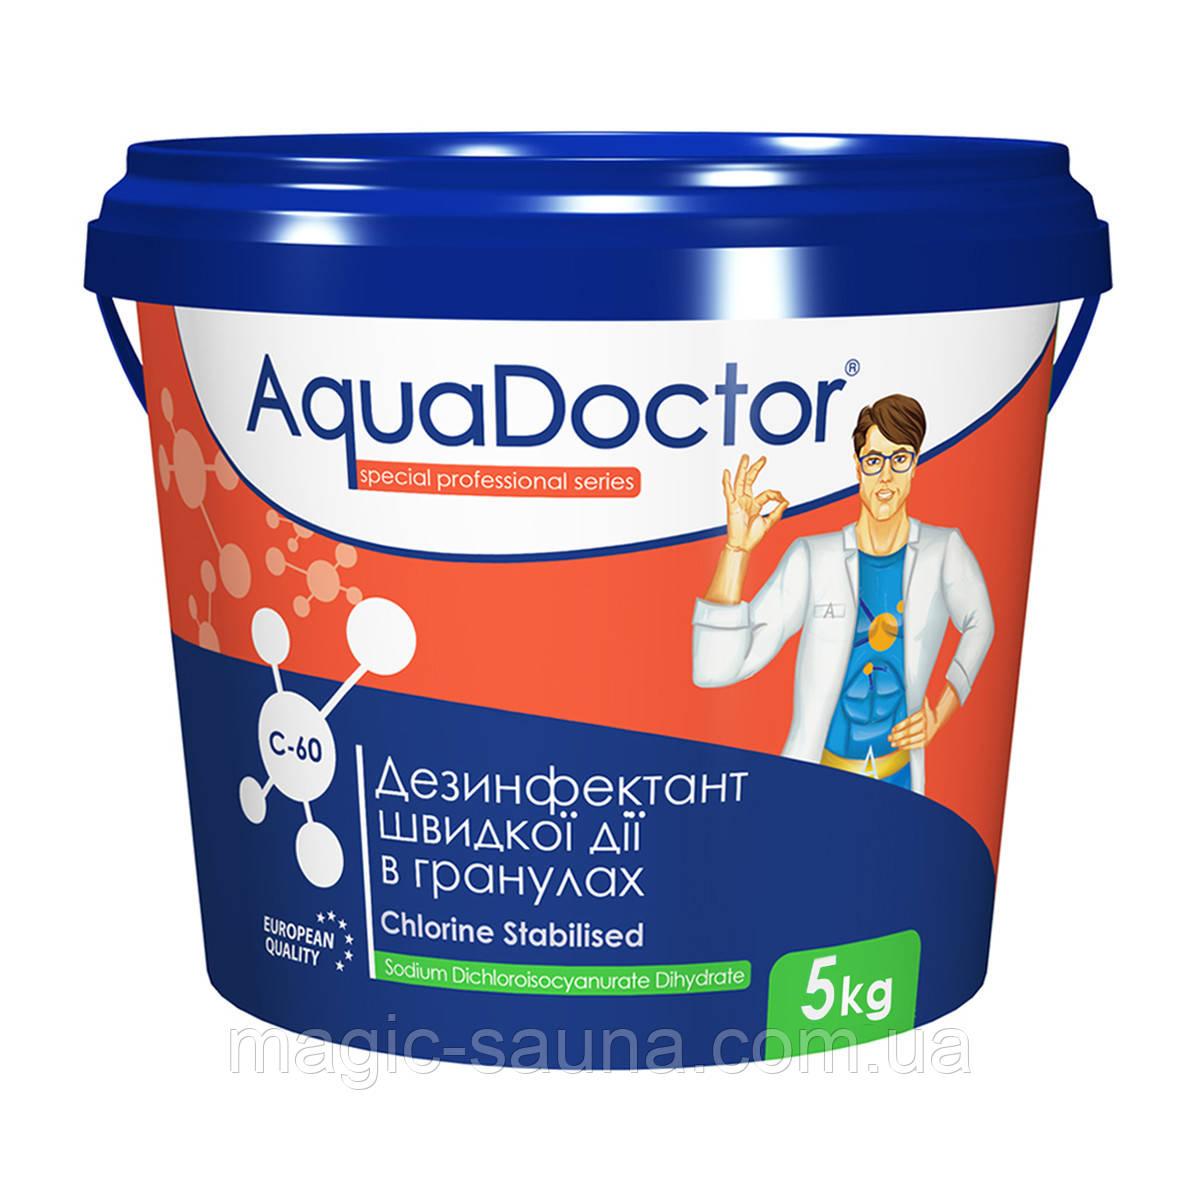 Дезинфектант на основе хлора в гранулах быстрого действия 5кг AquaDoctor